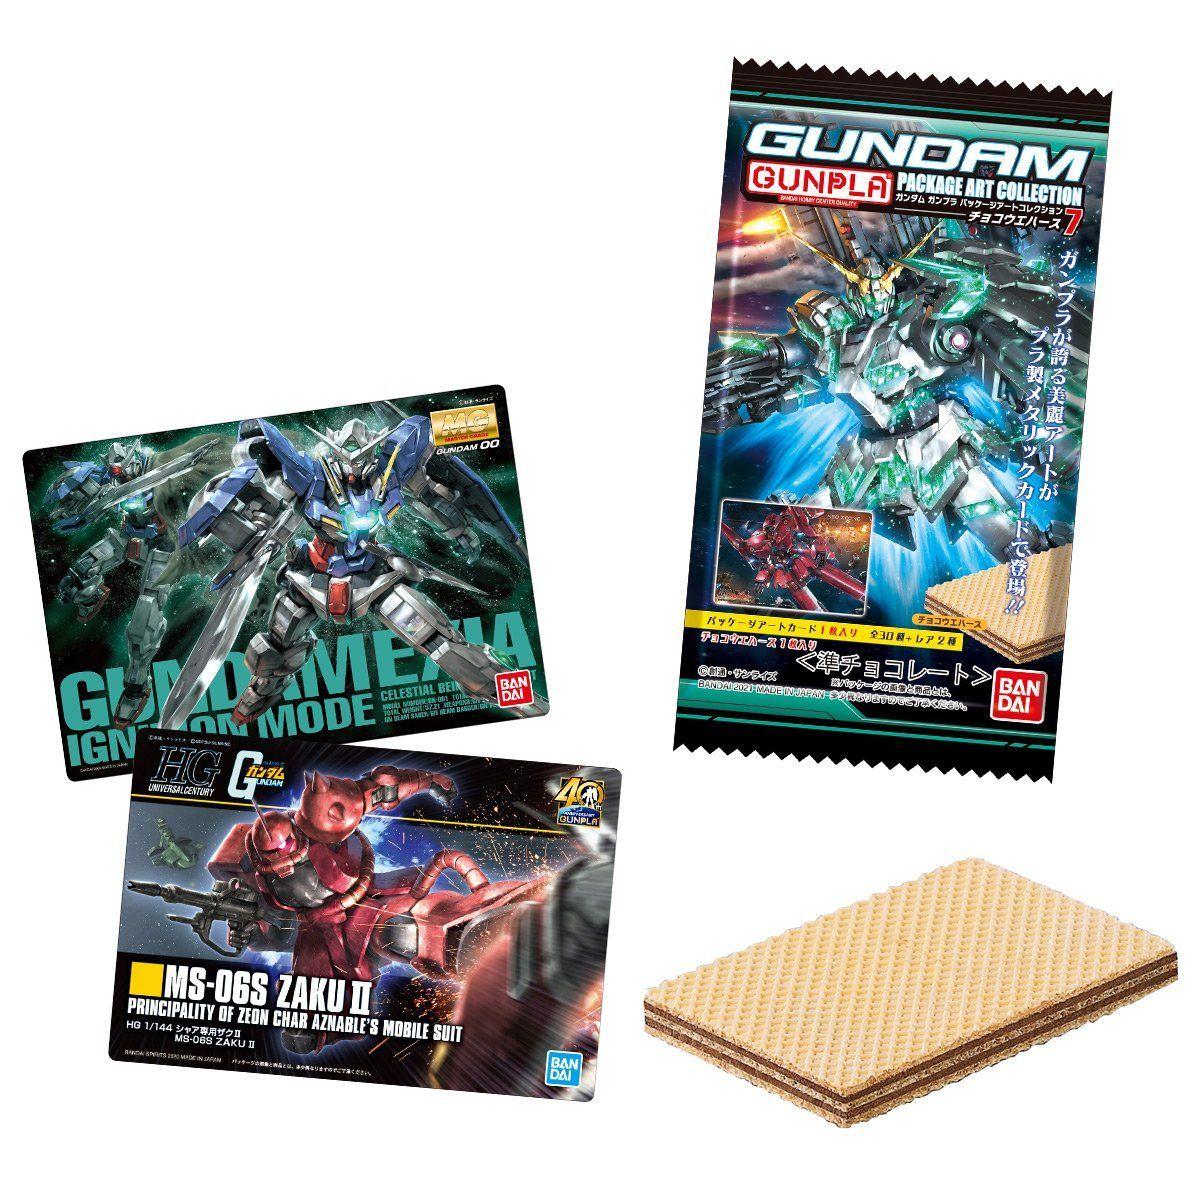 【食玩】『GUNDAMガンプラ パッケージアート コレクション チョコウエハース7』20個入りBOX-001